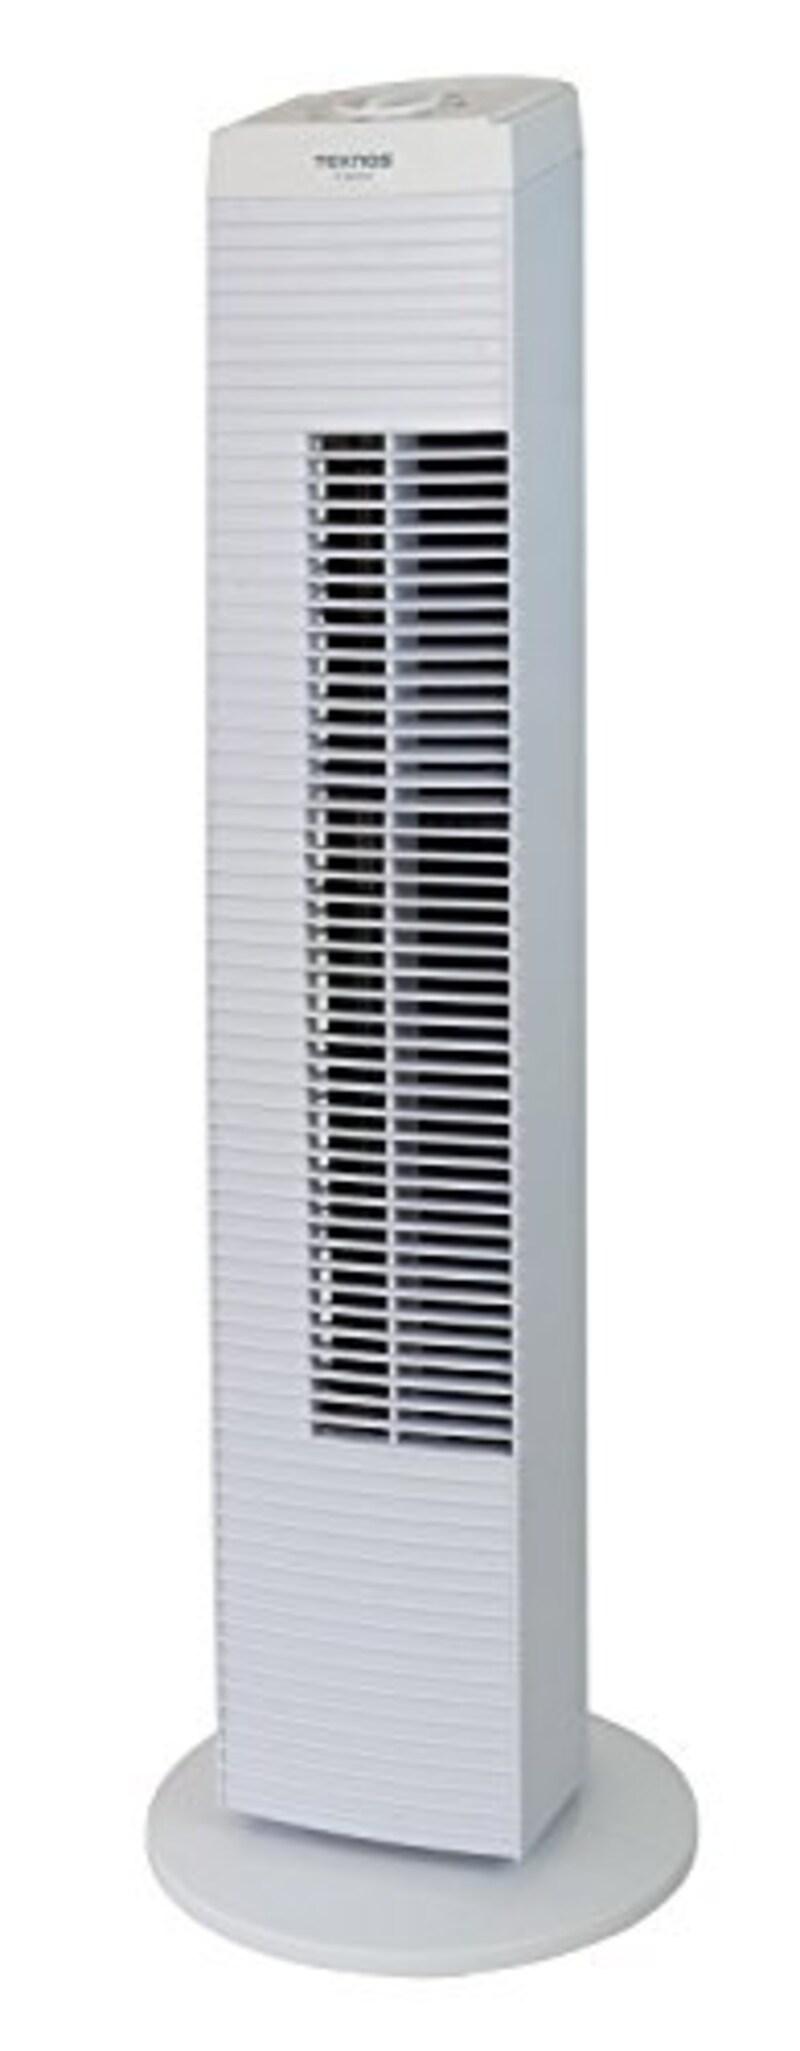 TEKNOS(テクノス),タワーファン,TF-820-W